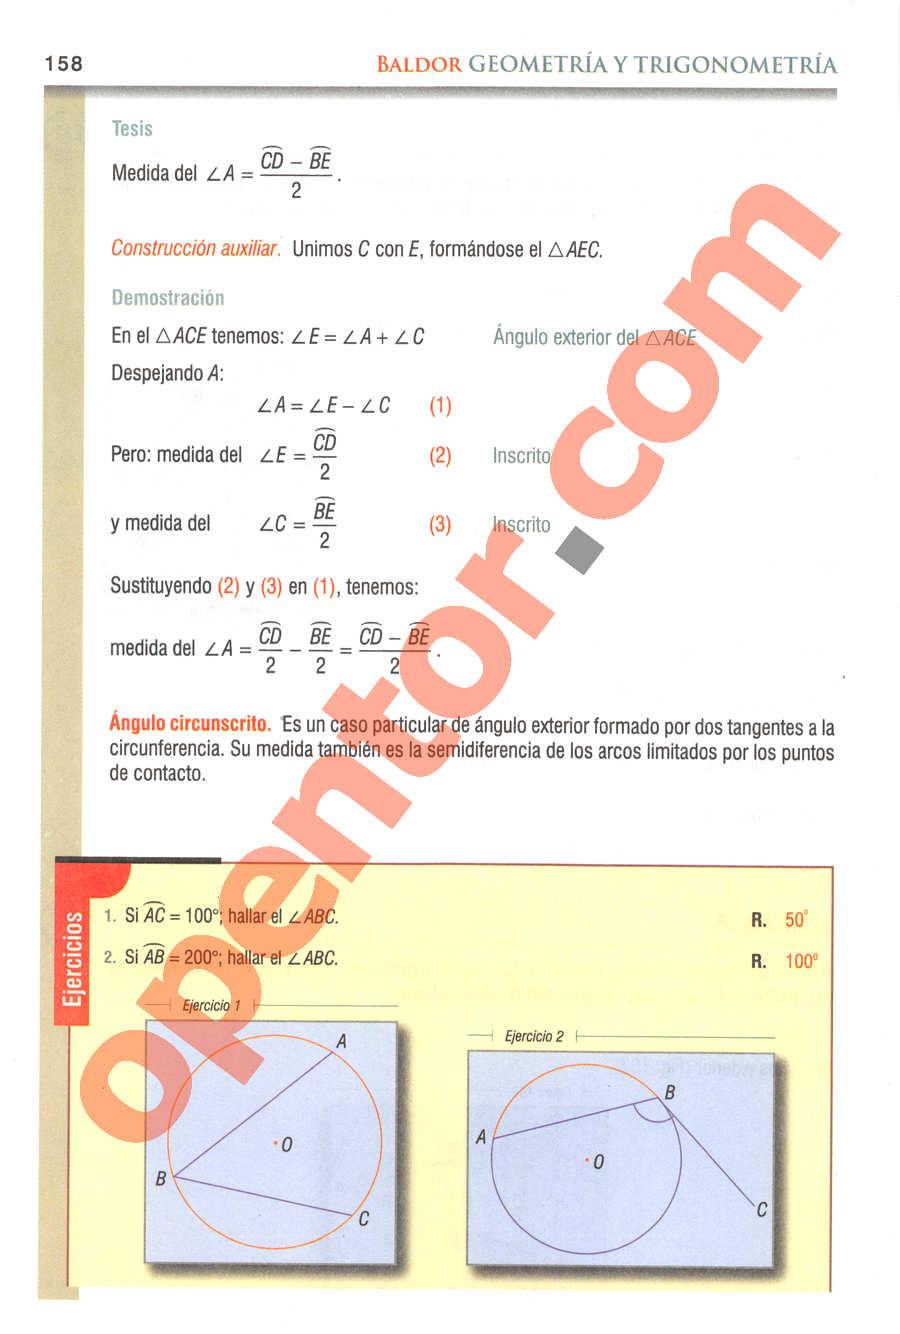 Geometría y Trigonometría de Baldor - Página 158